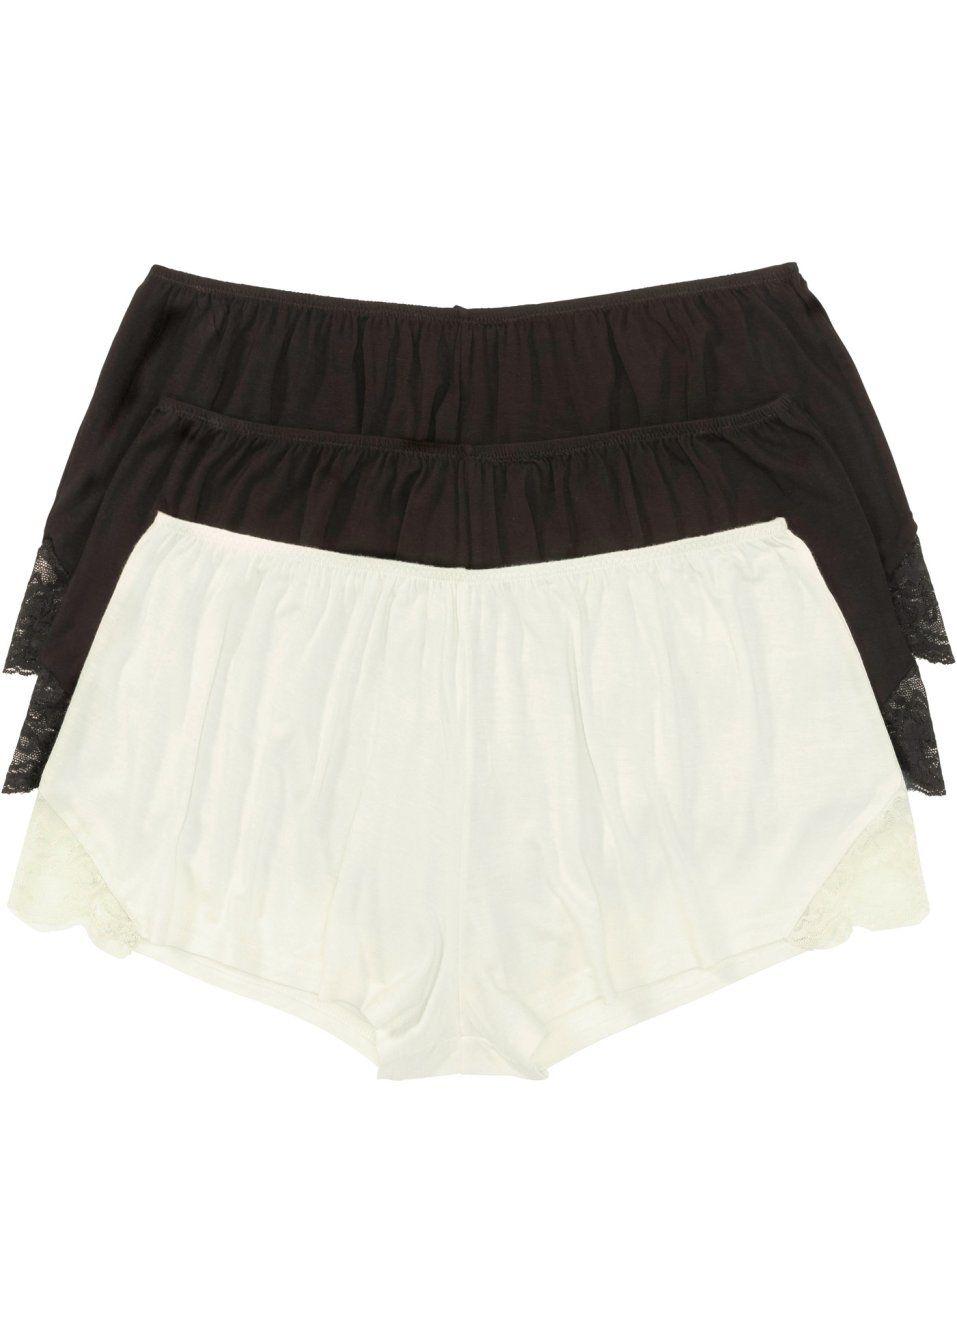 Se nu Moderiktigt lediga och avslappnade boxertrosor med spetsinfällning i  sidan och en smal resår b4dd8aa1545ec